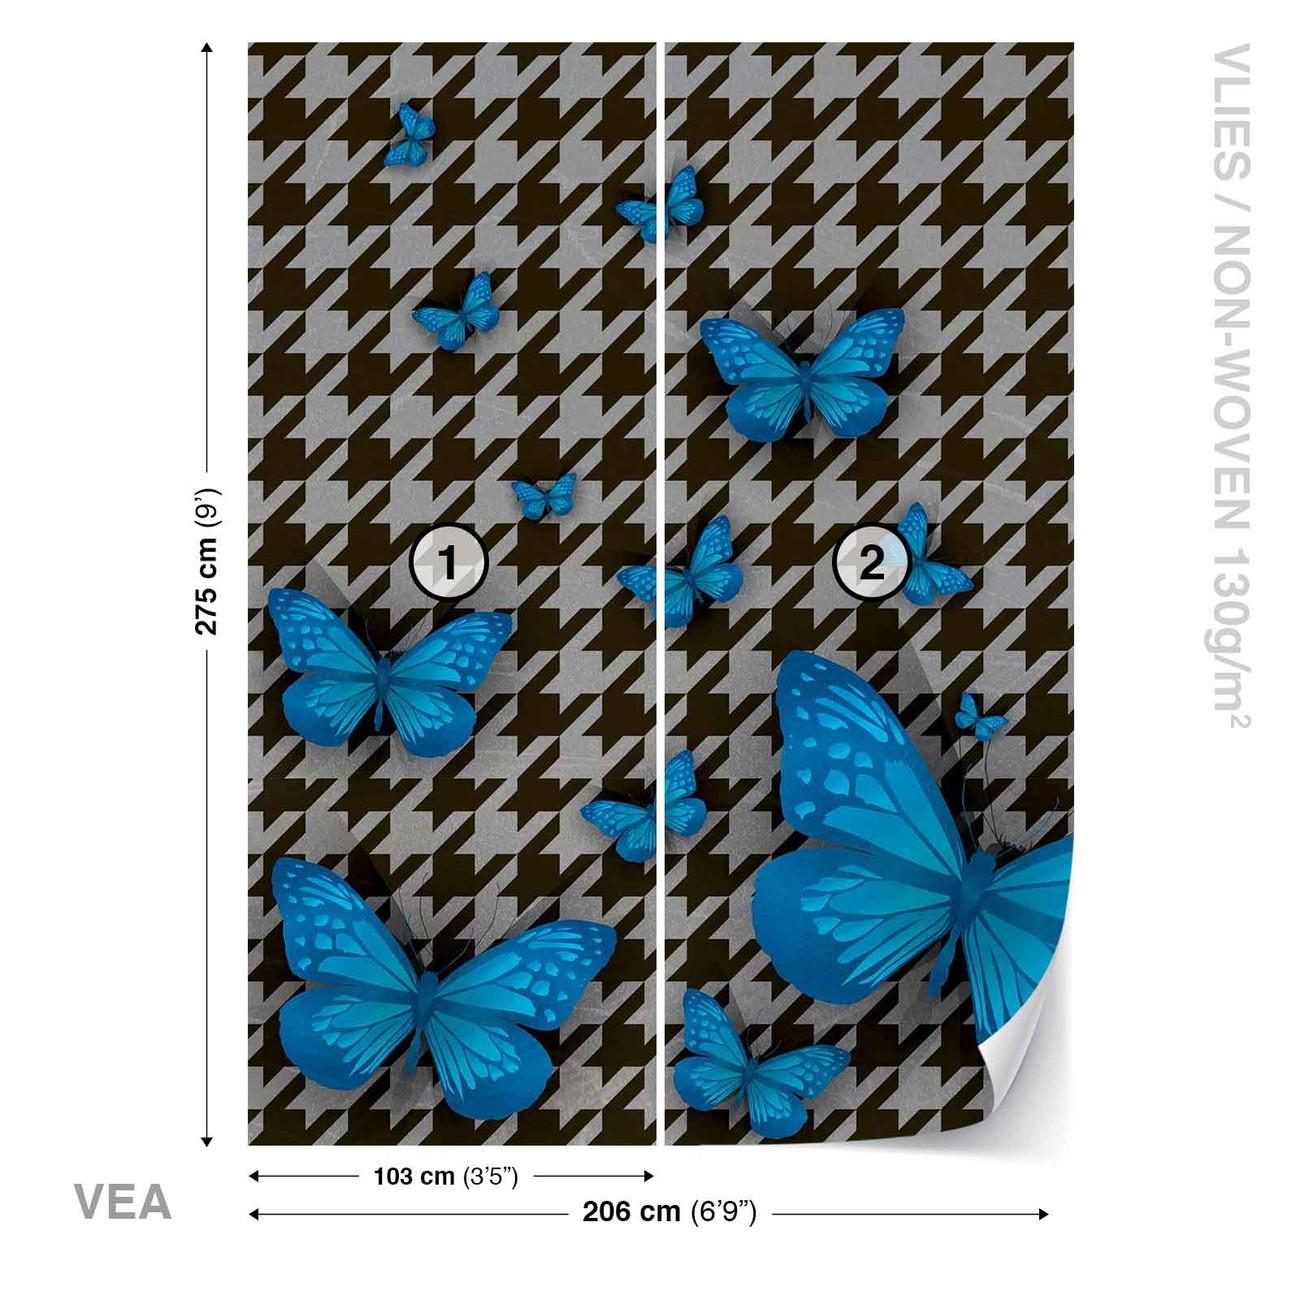 papillons poster mural papier peint acheter le sur. Black Bedroom Furniture Sets. Home Design Ideas